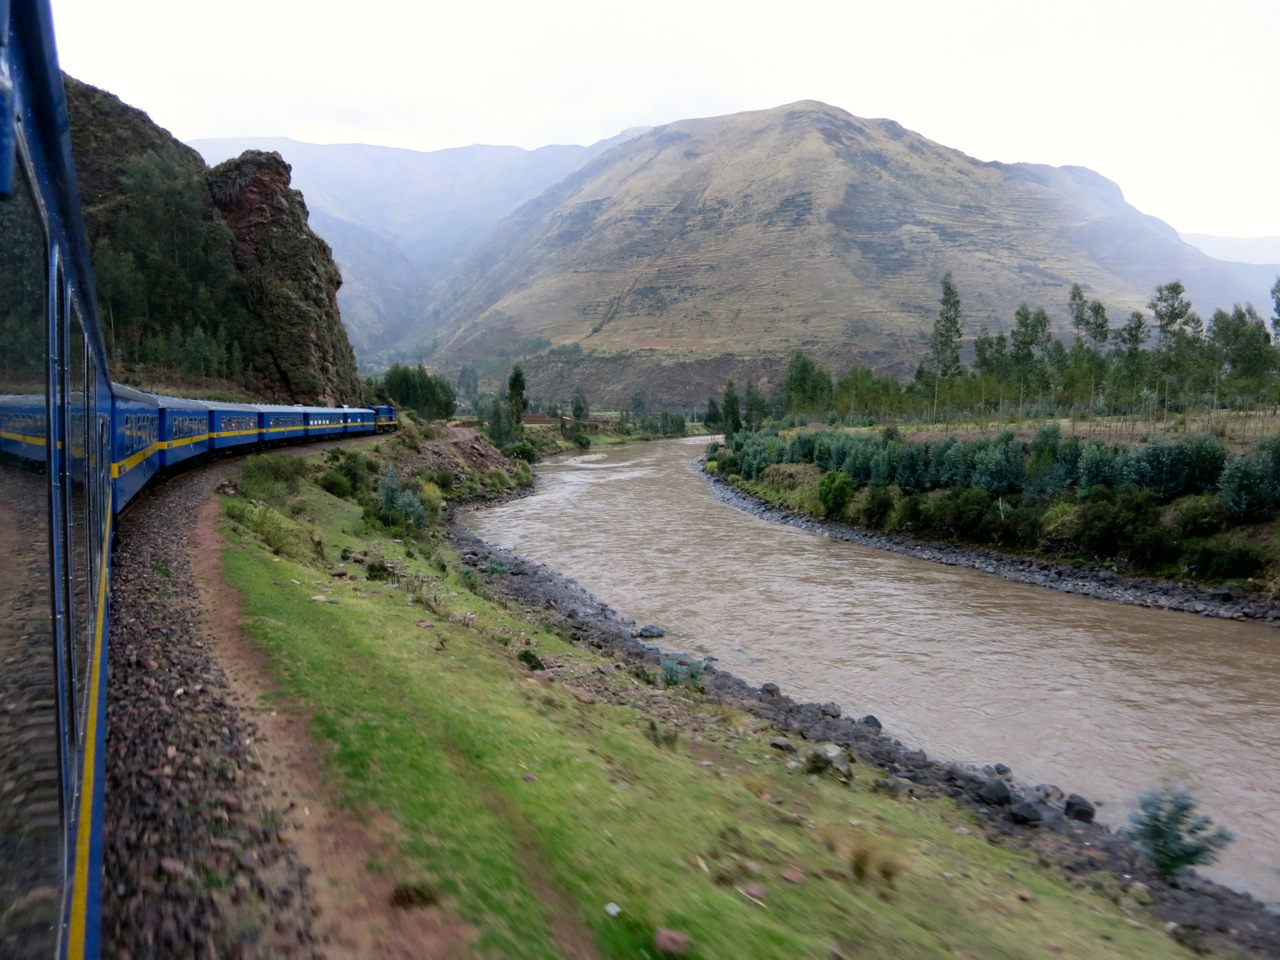 Andes trem 1 01